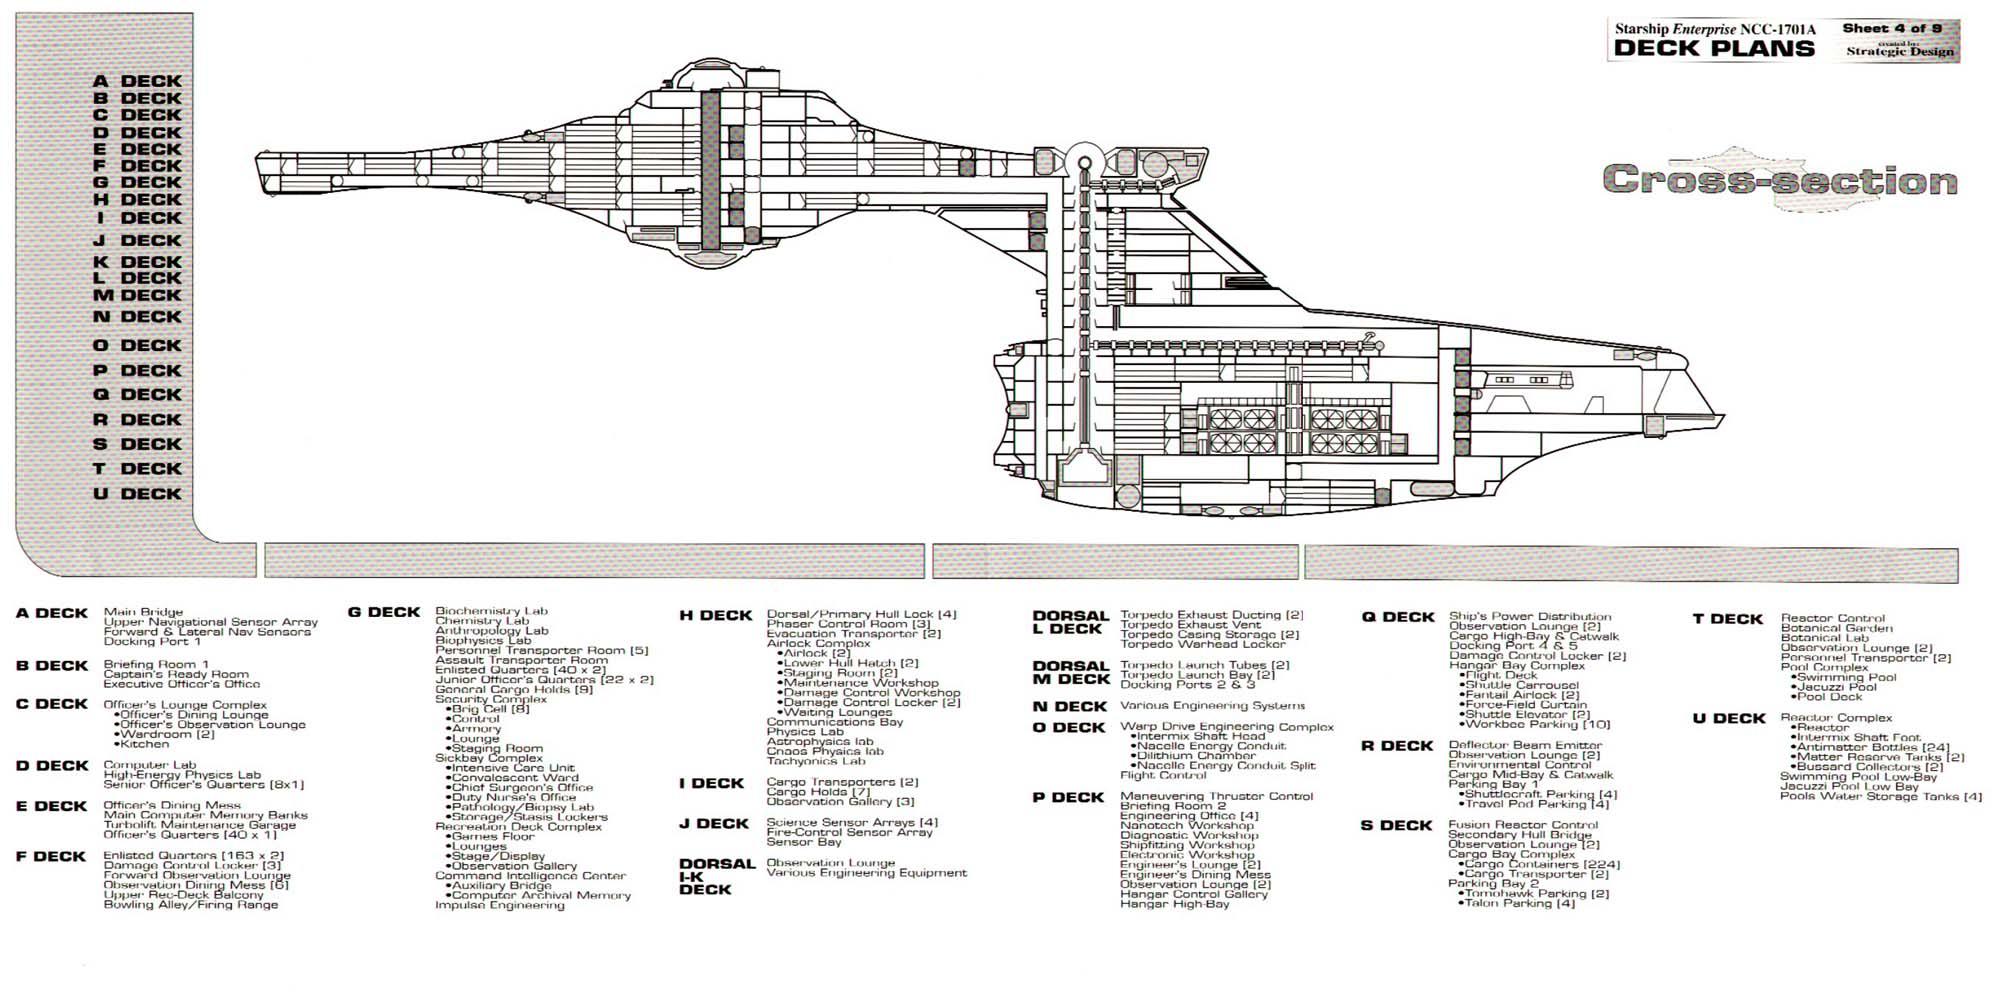 Enterprise ncc 1701a deck plans uss enterprise ncc 1701a deck plans baanklon Images